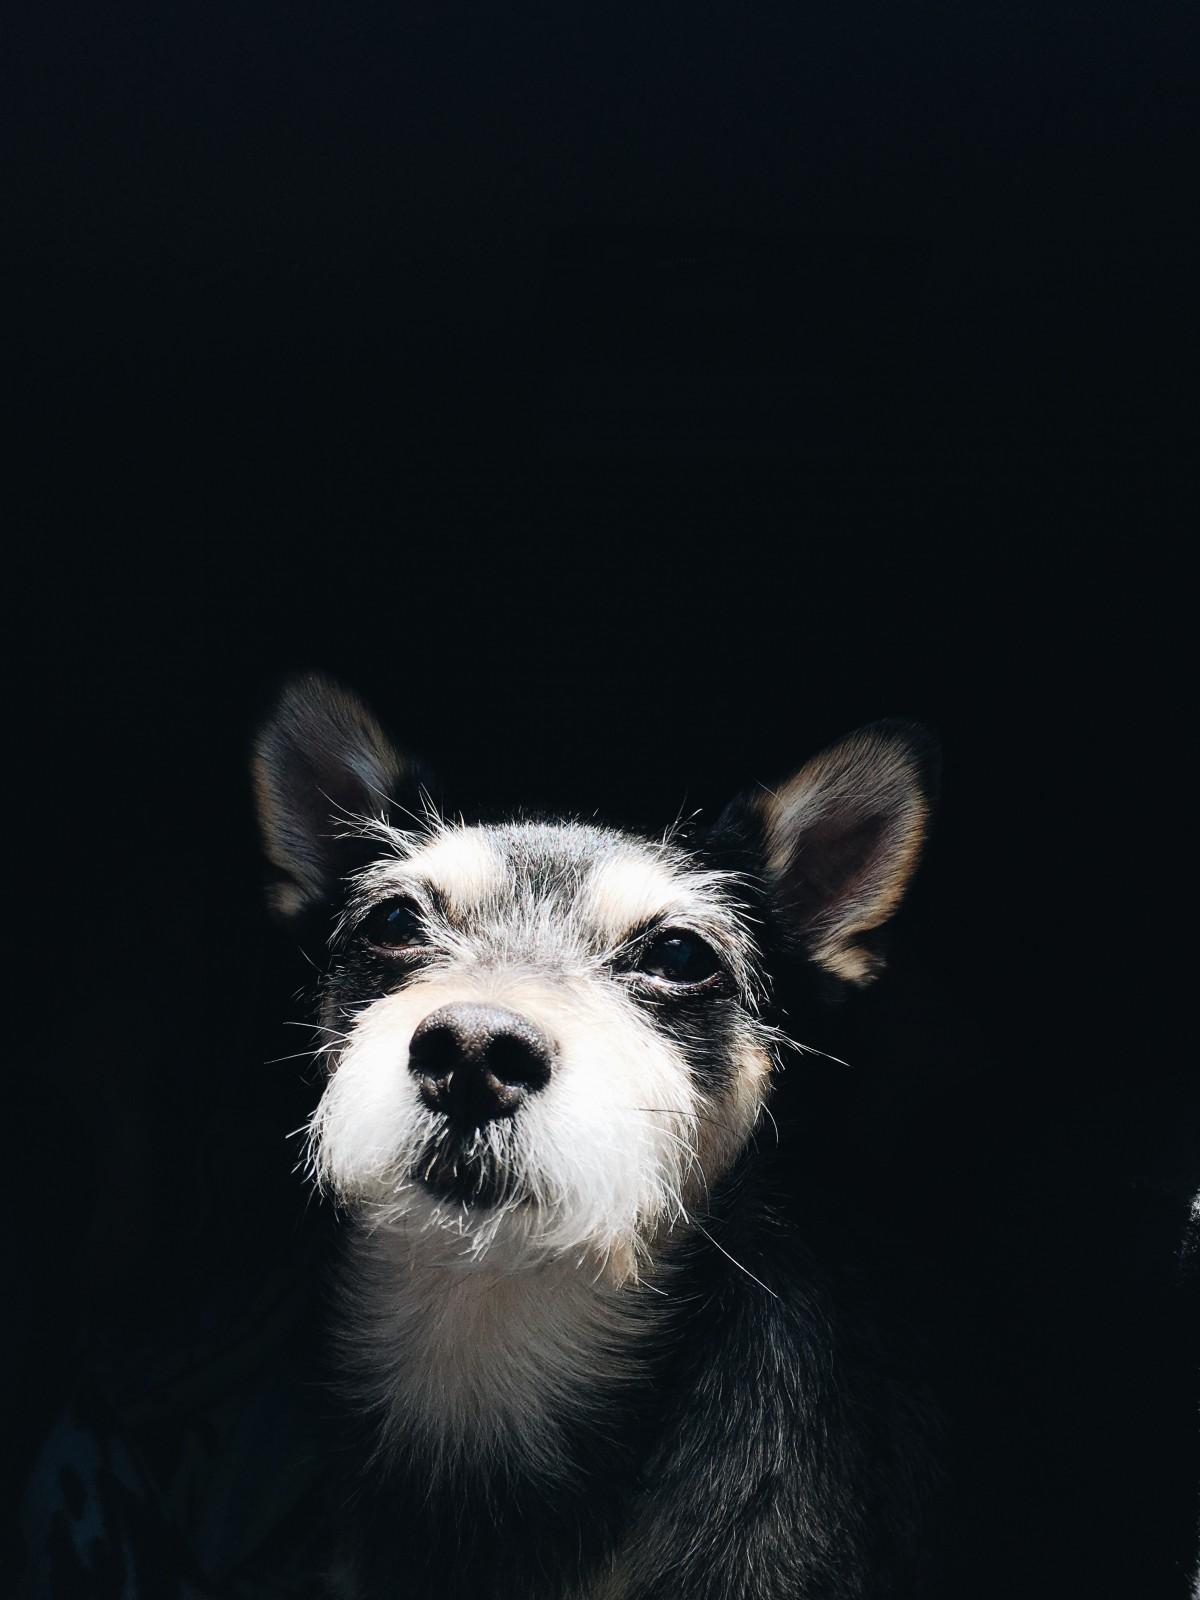 Hình ảnh đen trắng cho điện thoại chú chó lông xù